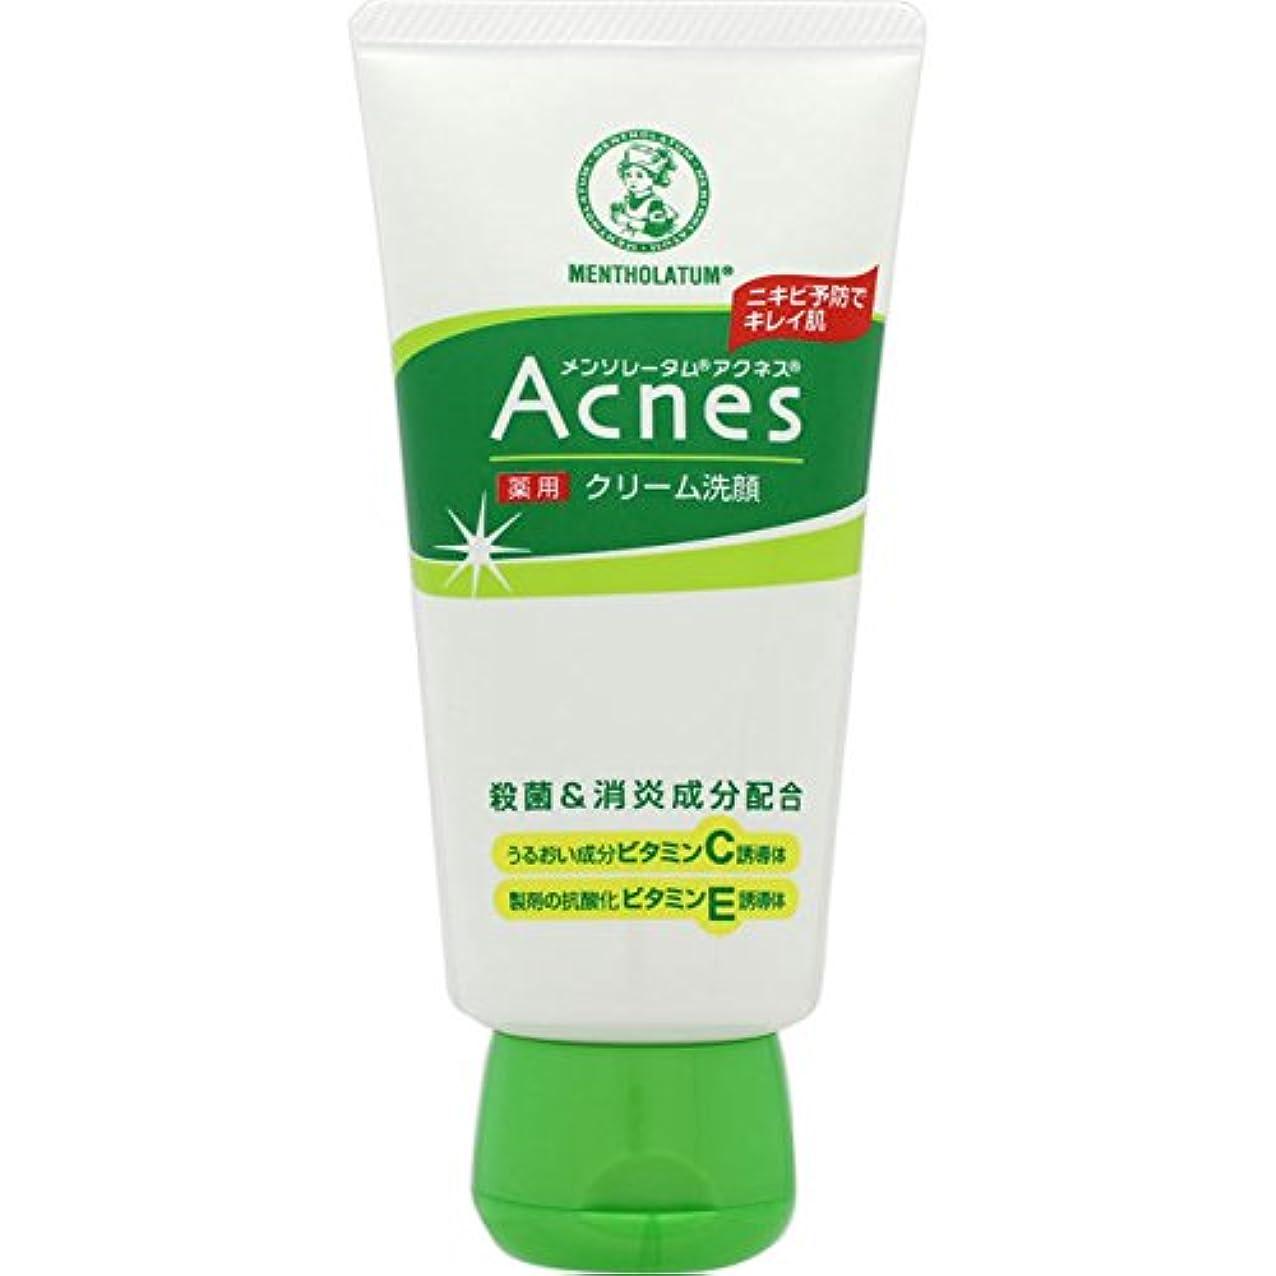 指申し立てる年次【医薬部外品】メンソレータム アクネス ニキビ予防薬用クリーム洗顔 130g